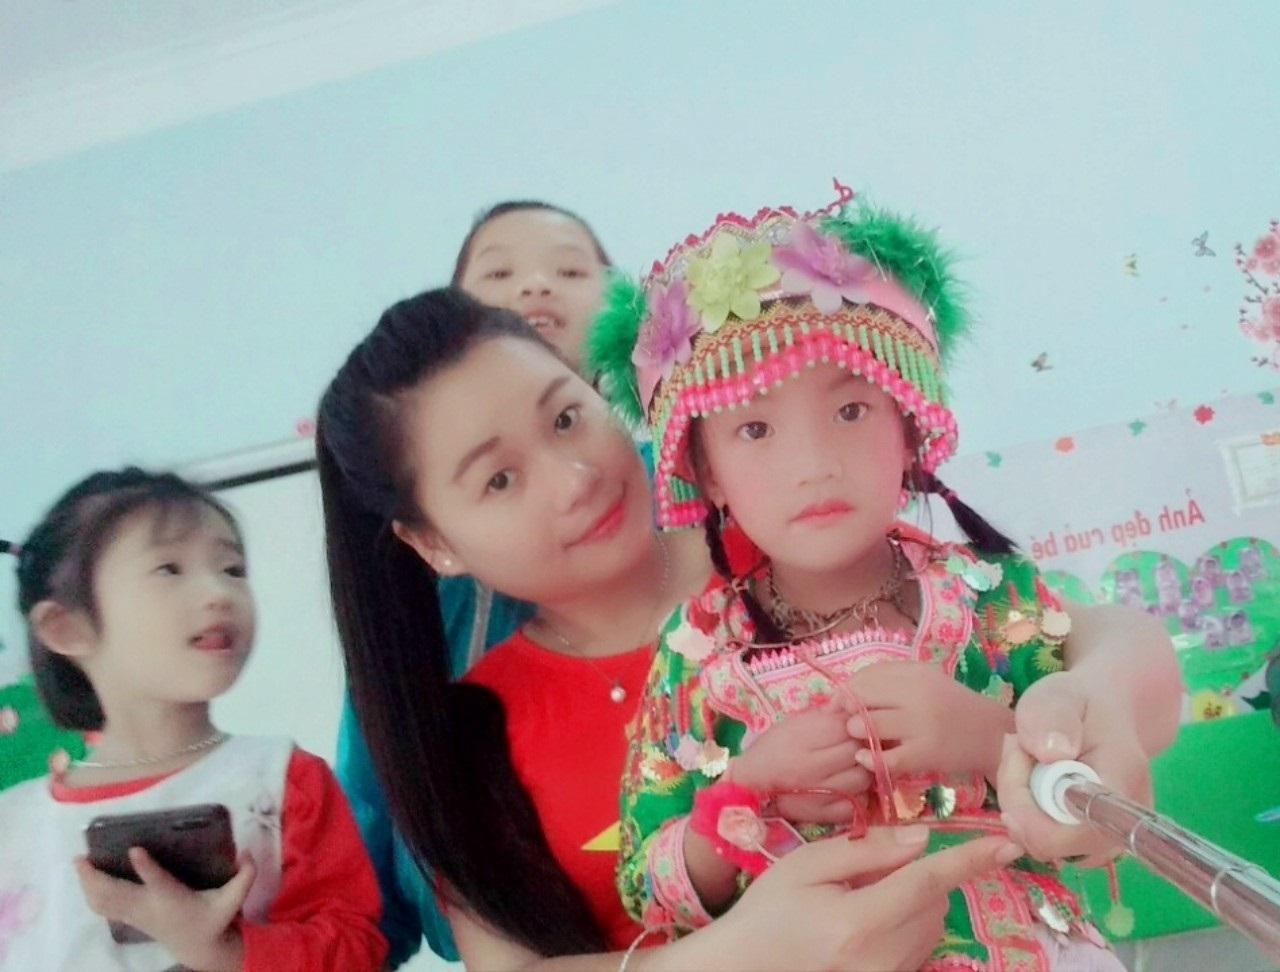 'Quả ngọt' của cô giáo mầm non ở Tuần Giáo